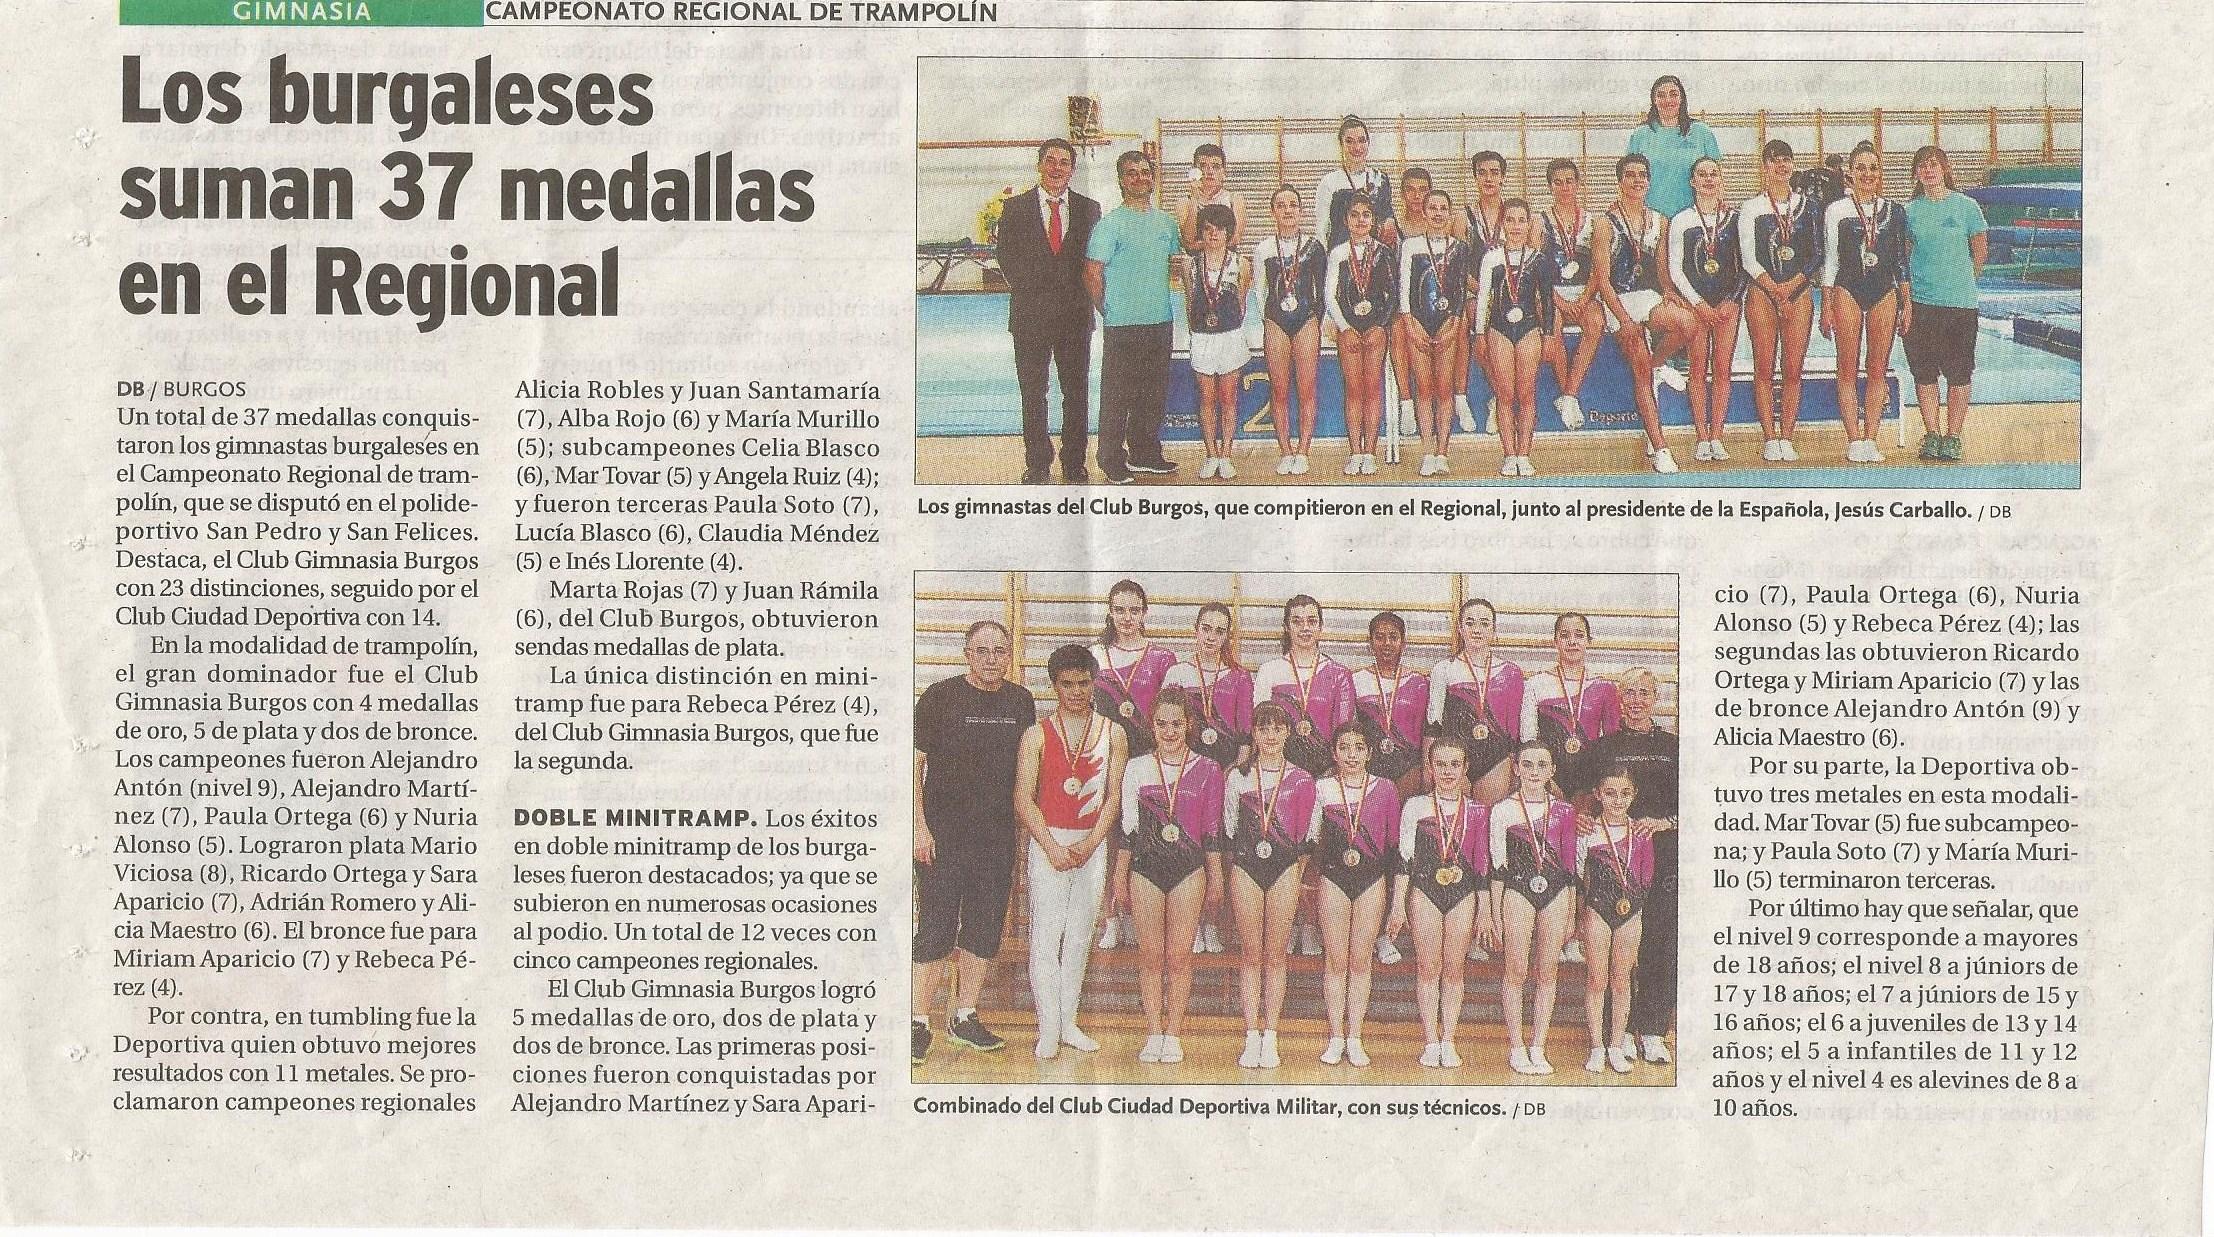 Campeonato Regional de Trampolín, Burgos